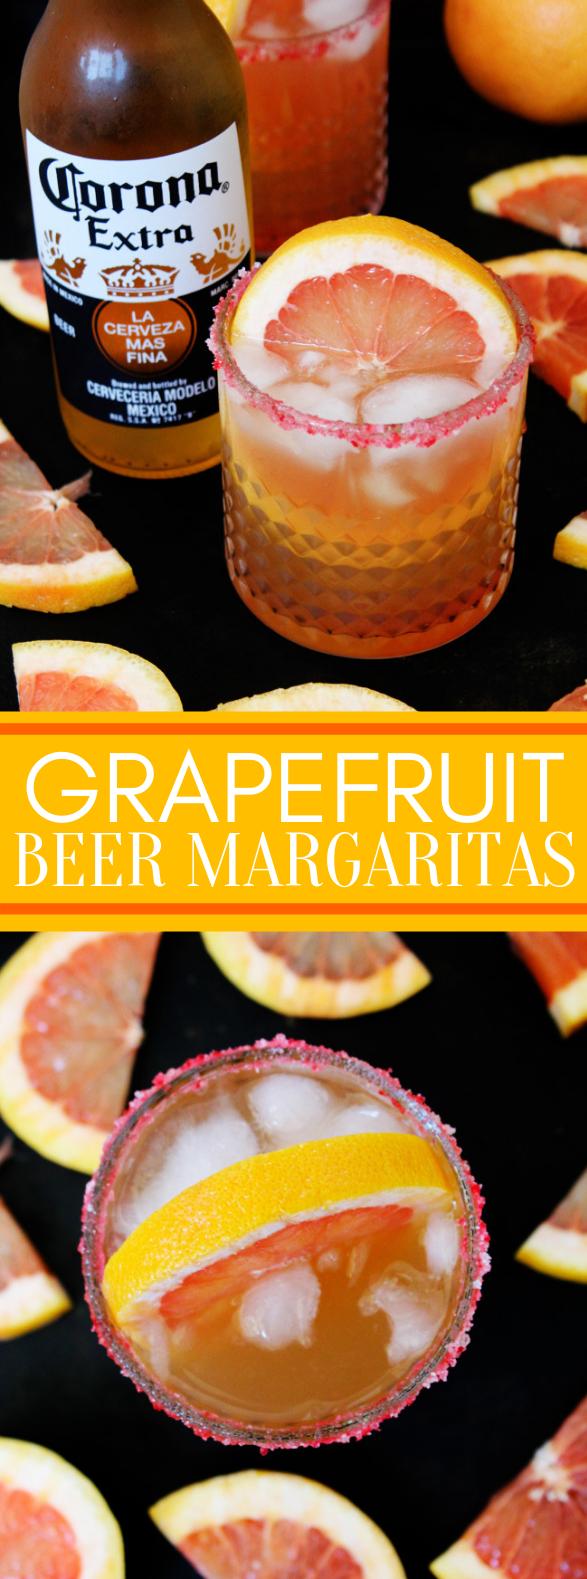 Grapefruit Beer Margaritas #drinks #cocktail